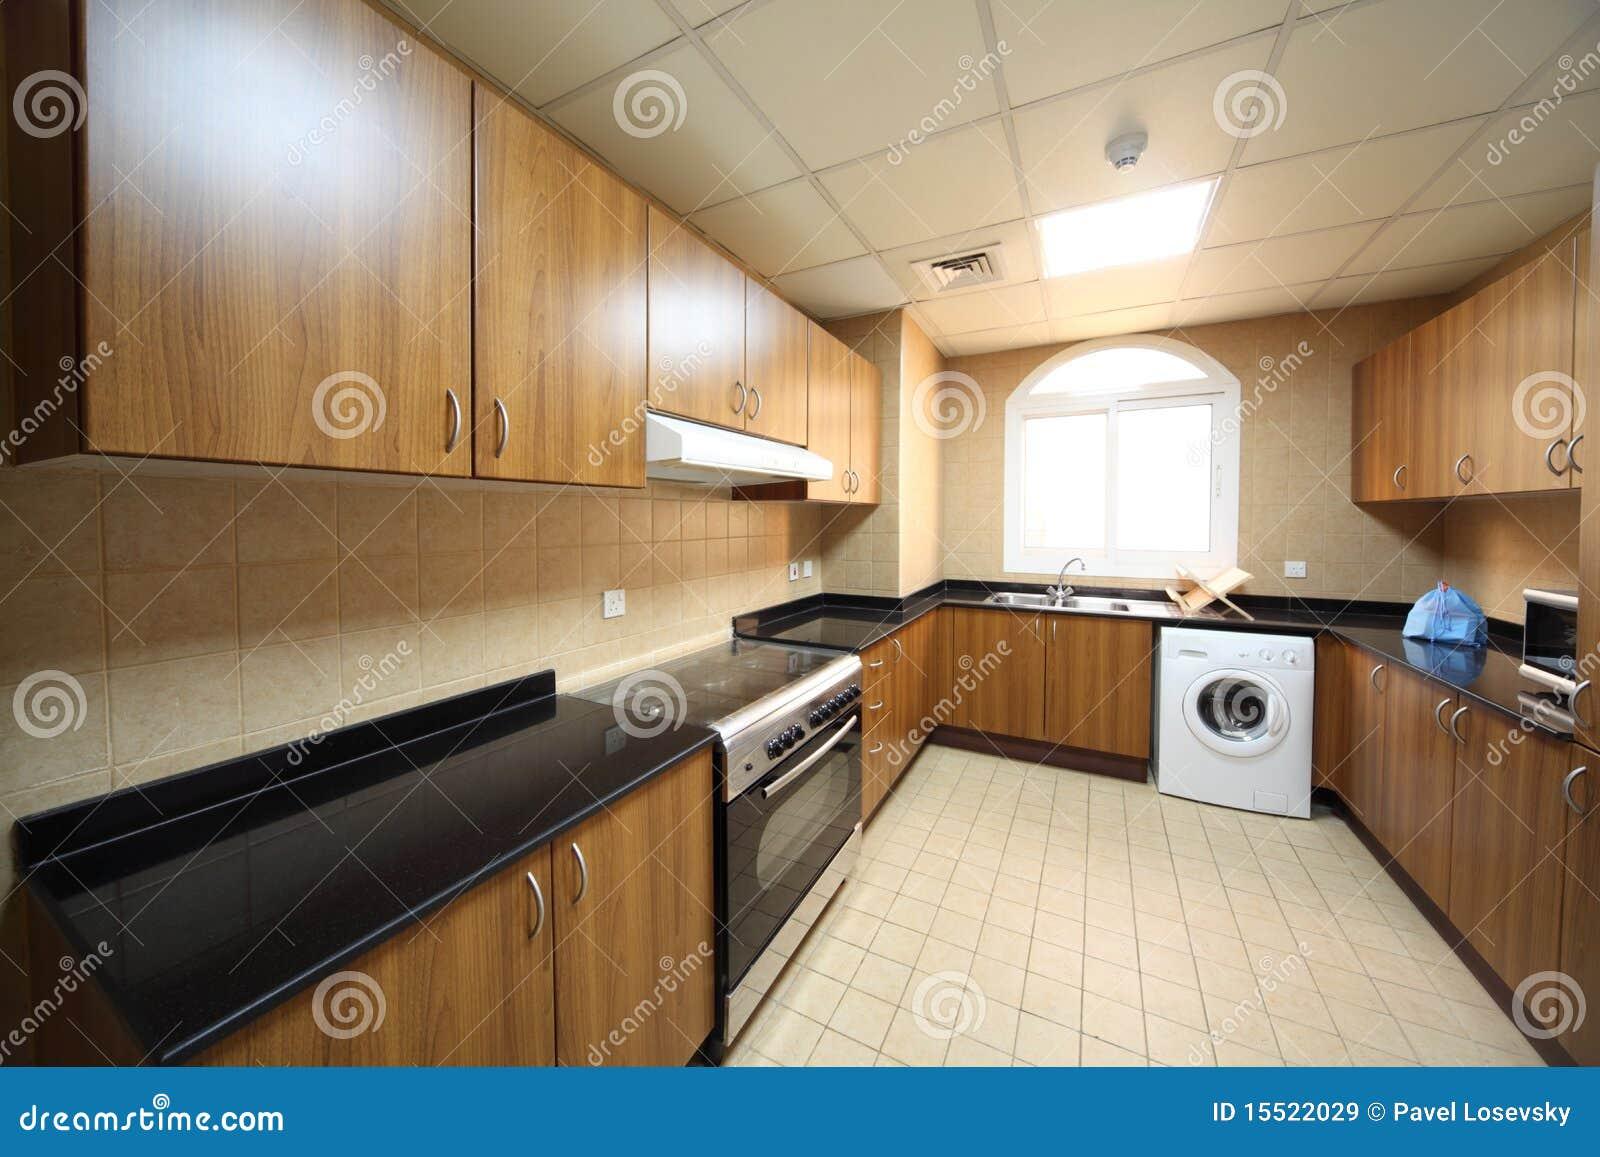 Keuken met kasten, wasmachine en kooktoestel royalty vrije stock ...